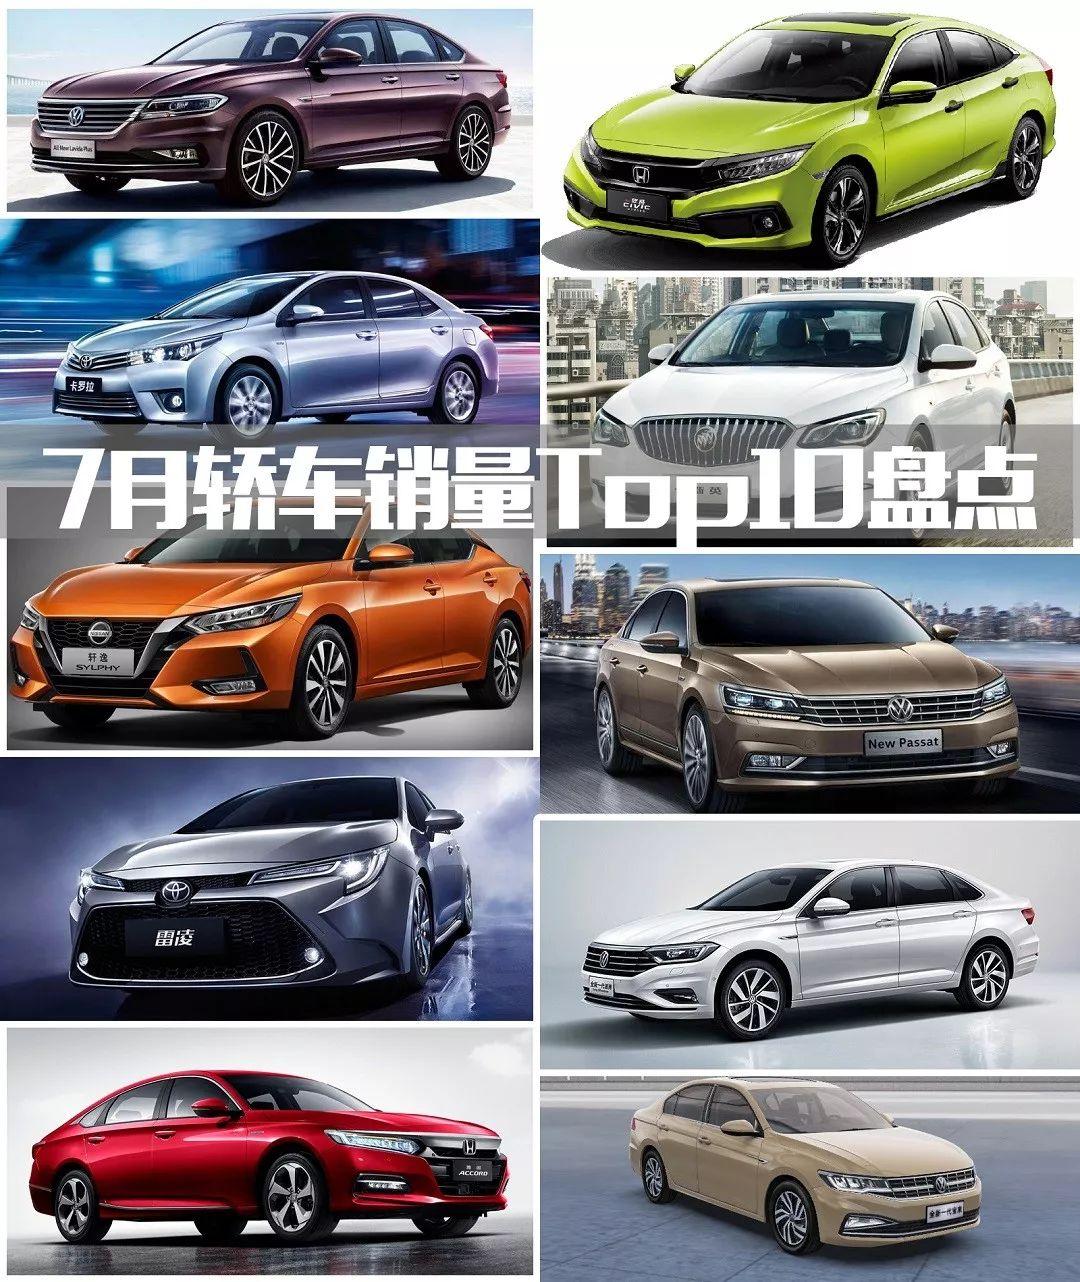 7月轿车销量Top10盘点,其中2款月销量超3万台,朗逸再次夺冠